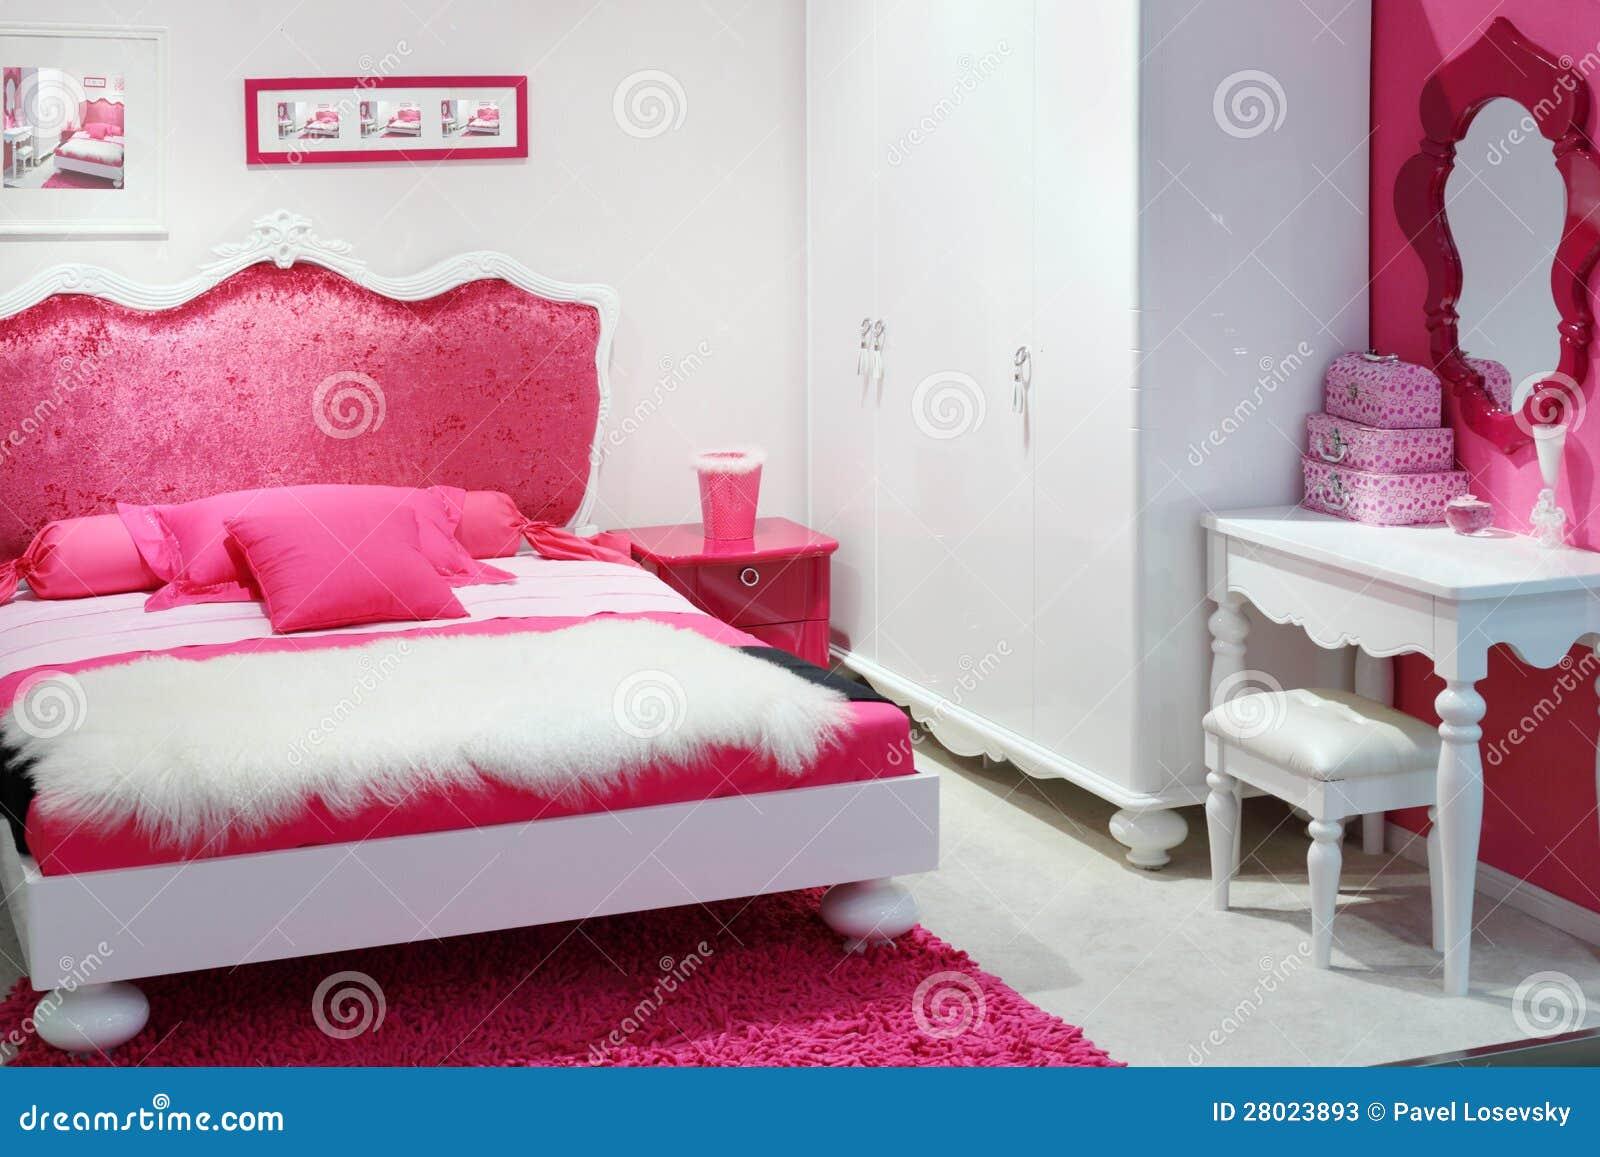 Modieuze roze slaapkamer stock foto 39 s afbeelding 28023893 - Roze meid slaapkamer ...